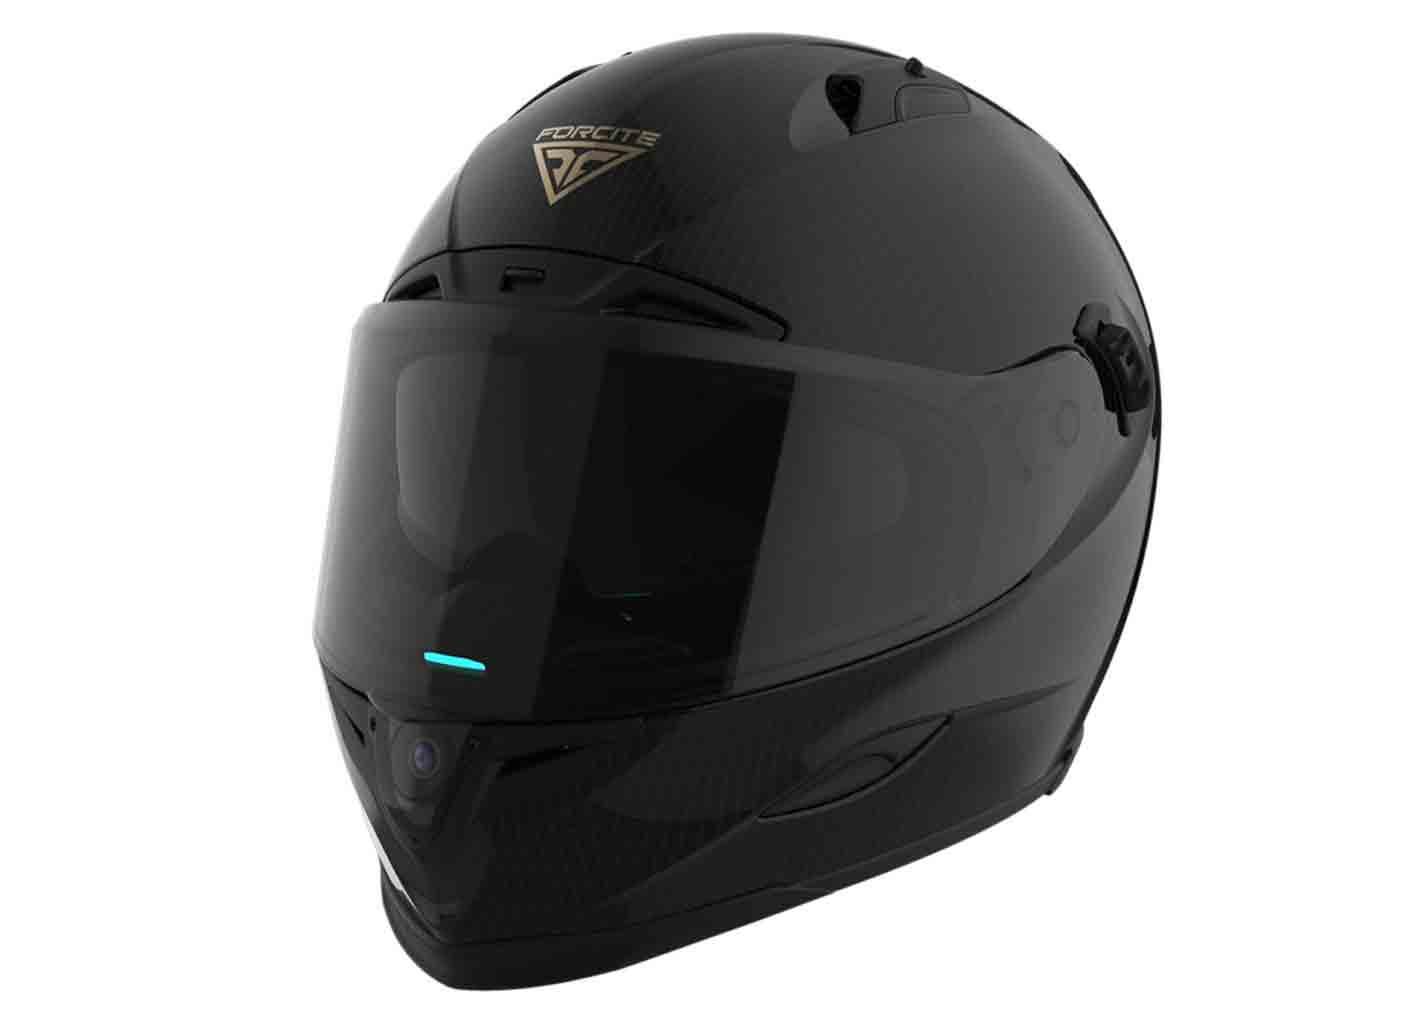 Forcite  MK1, Um capacete para o ajudar a detectar radares de velocidade e potencial presença policial. Foto: Divulgação